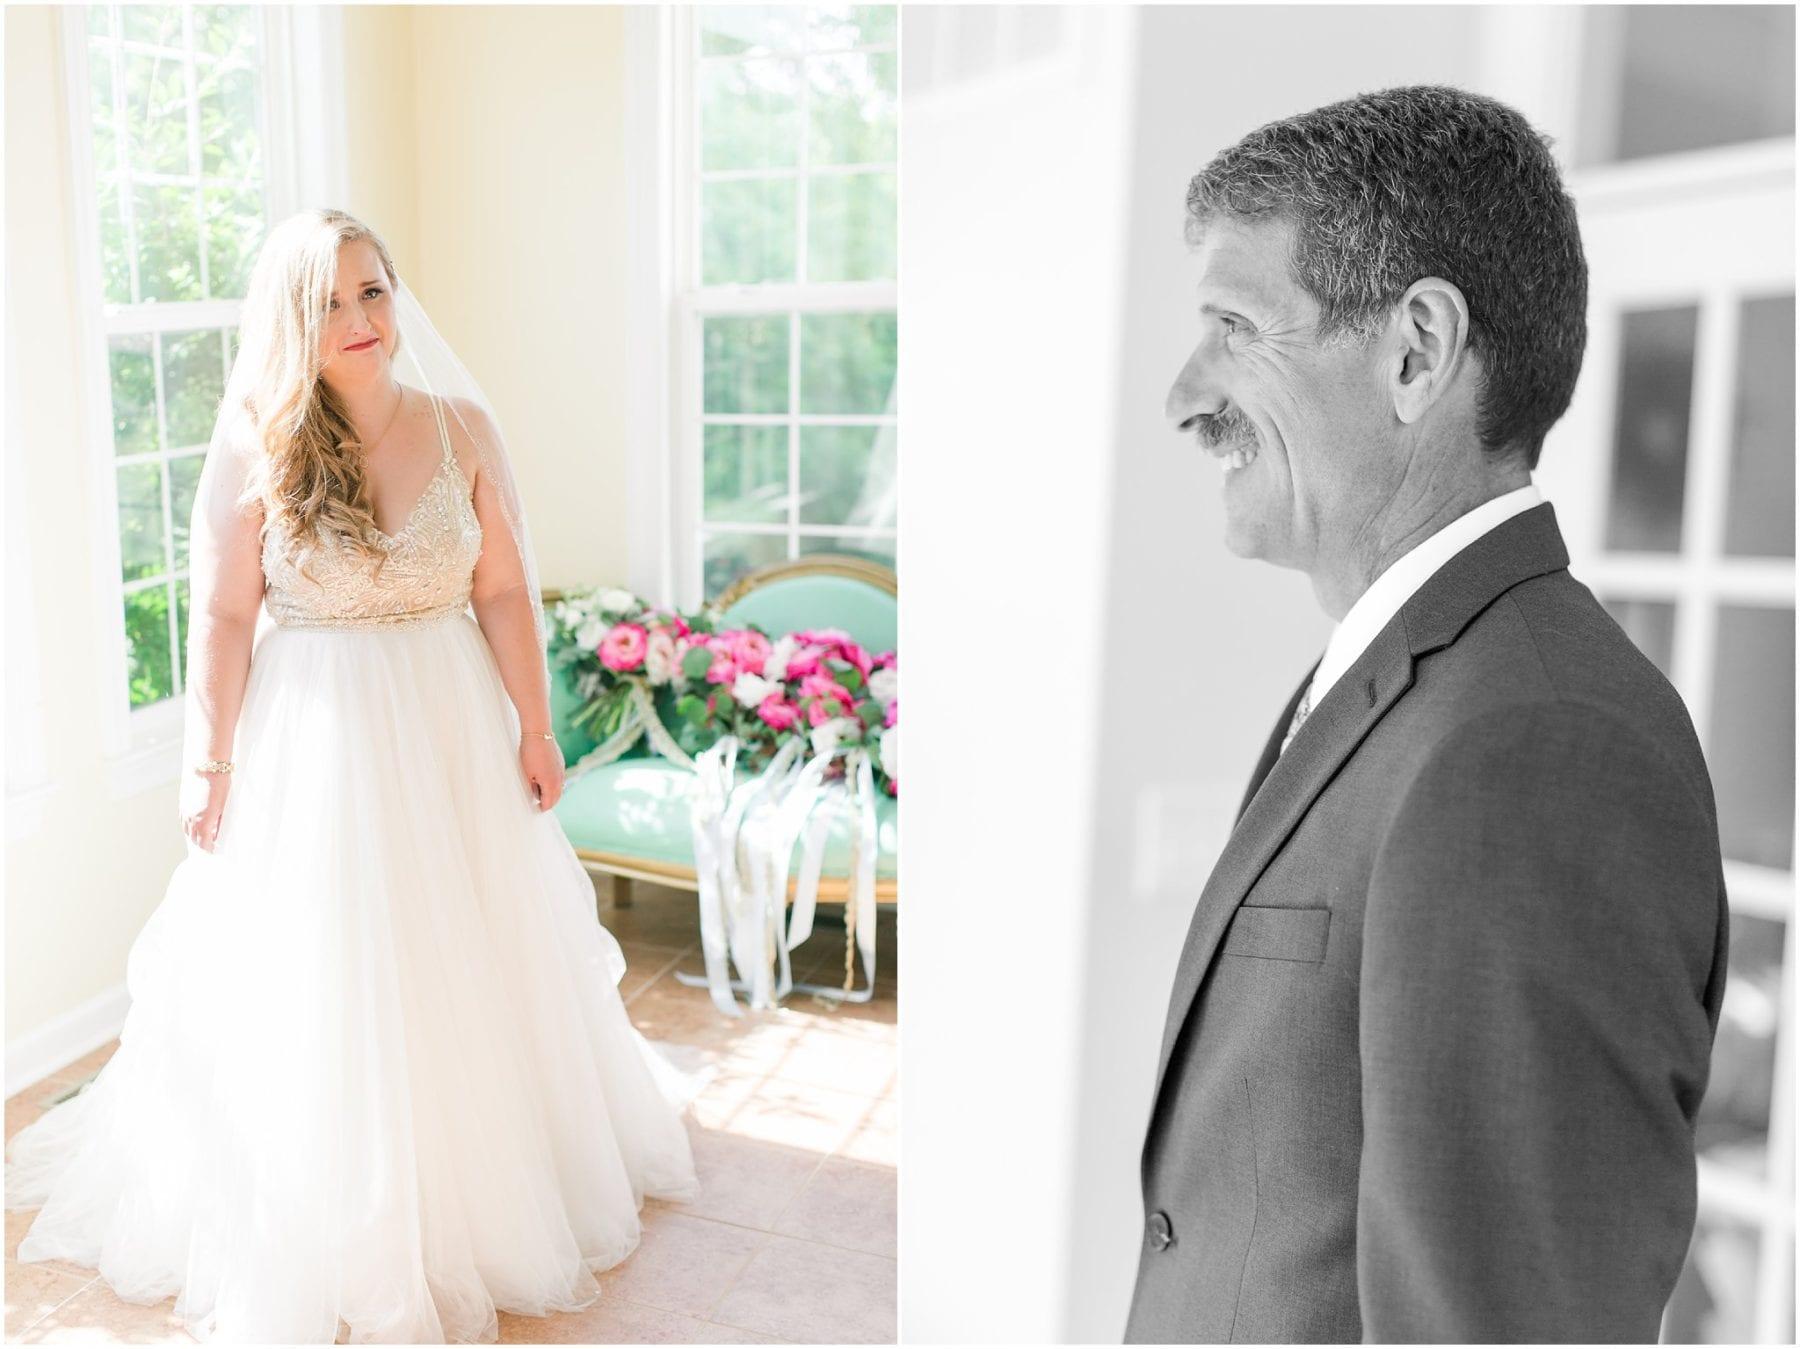 Maryland Backyard Wedding Photos Kelly & Zach Megan Kelsey Photography-75.jpg